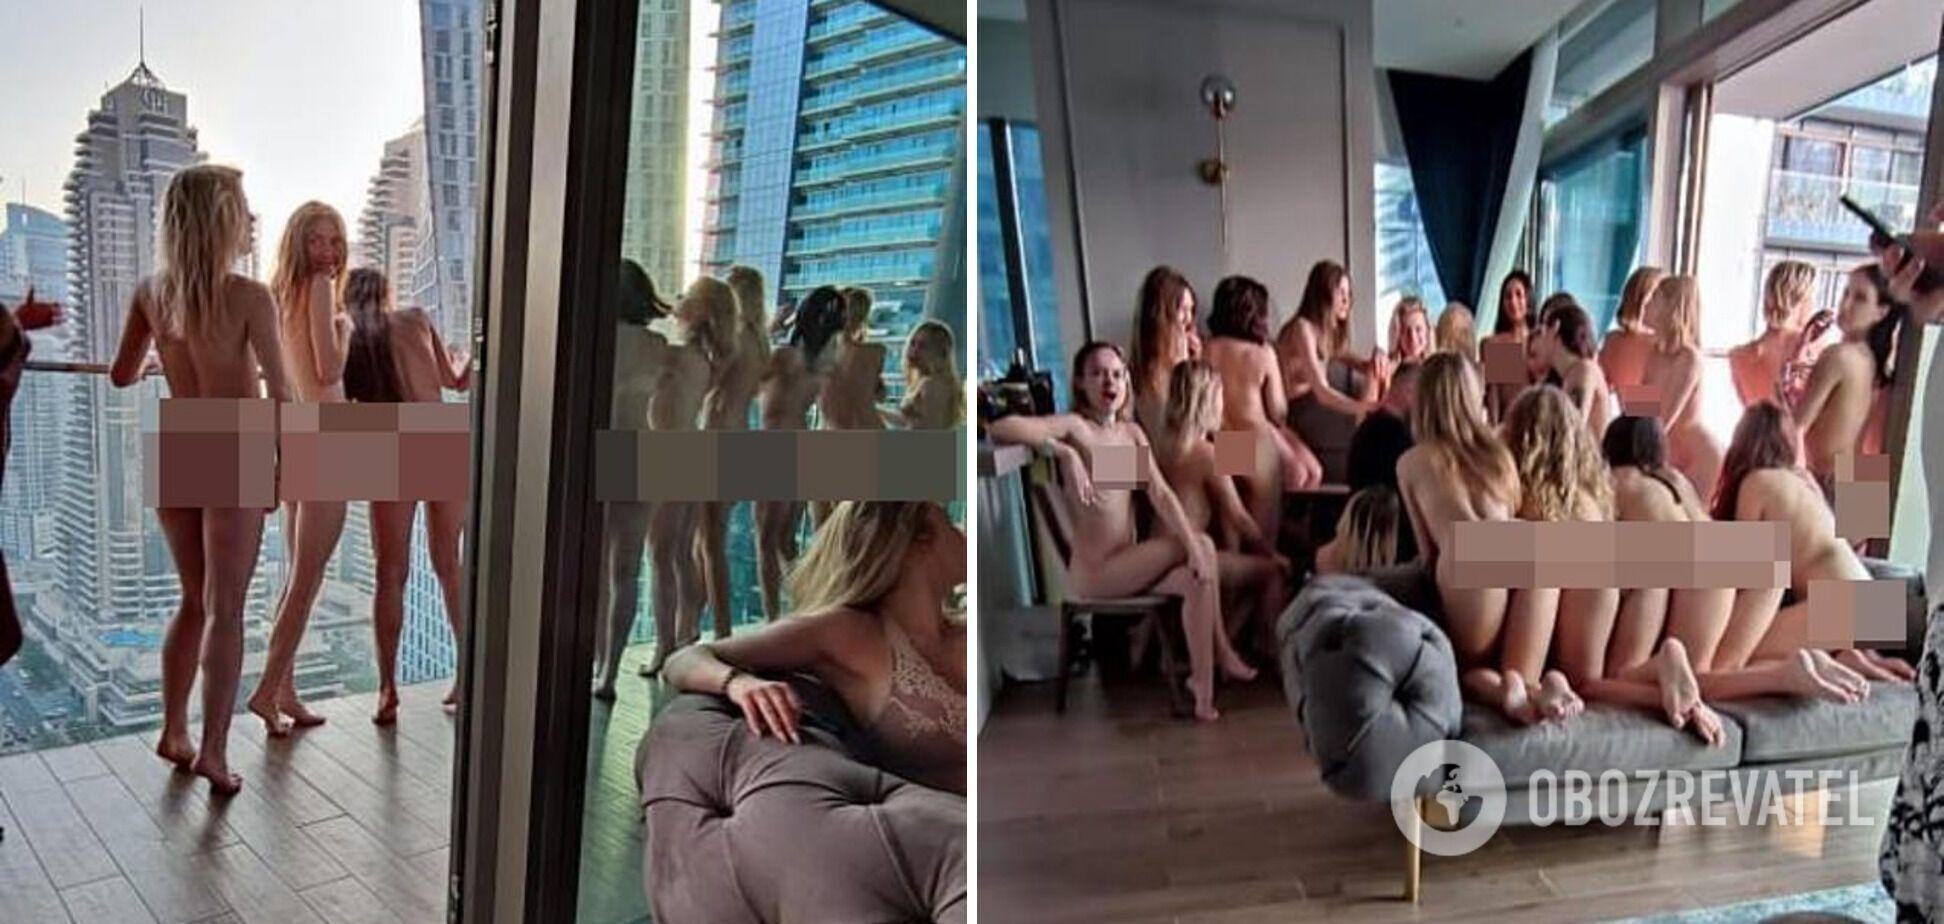 Моделі, яких заарештували в Дубаї за голу зйомку на балконі готелю